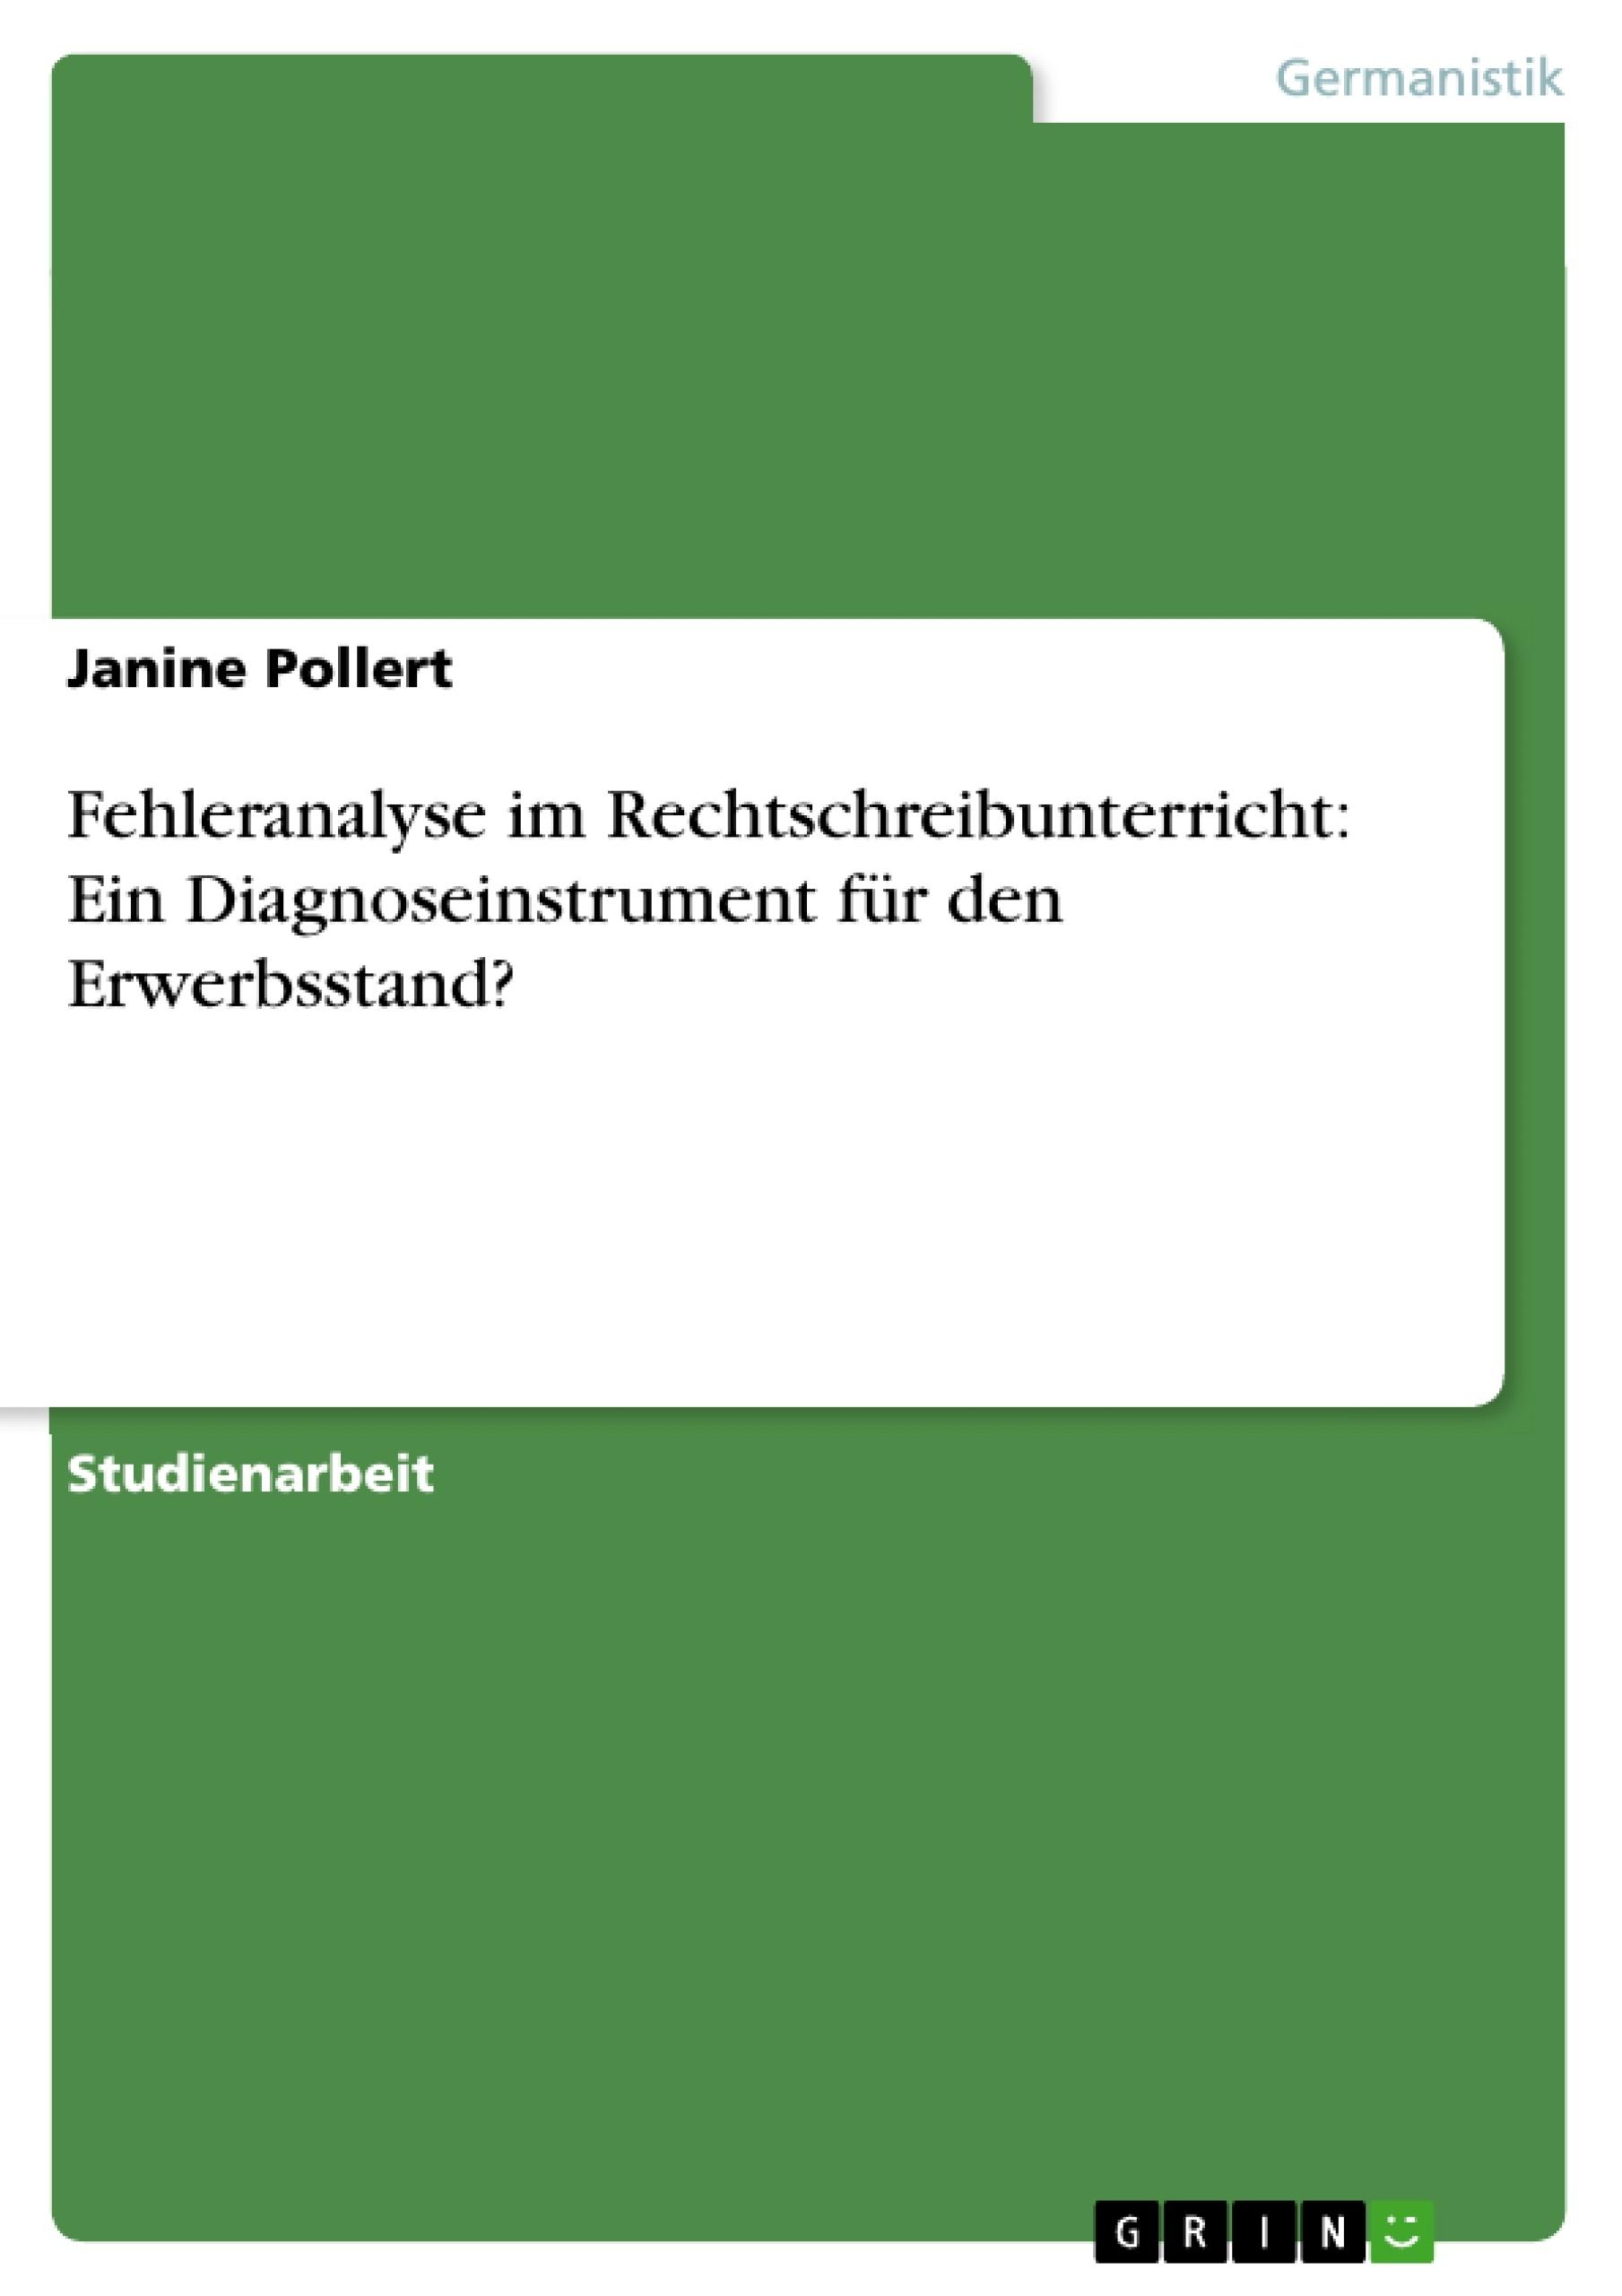 Titel: Fehleranalyse im Rechtschreibunterricht:  Ein Diagnoseinstrument für den Erwerbsstand?